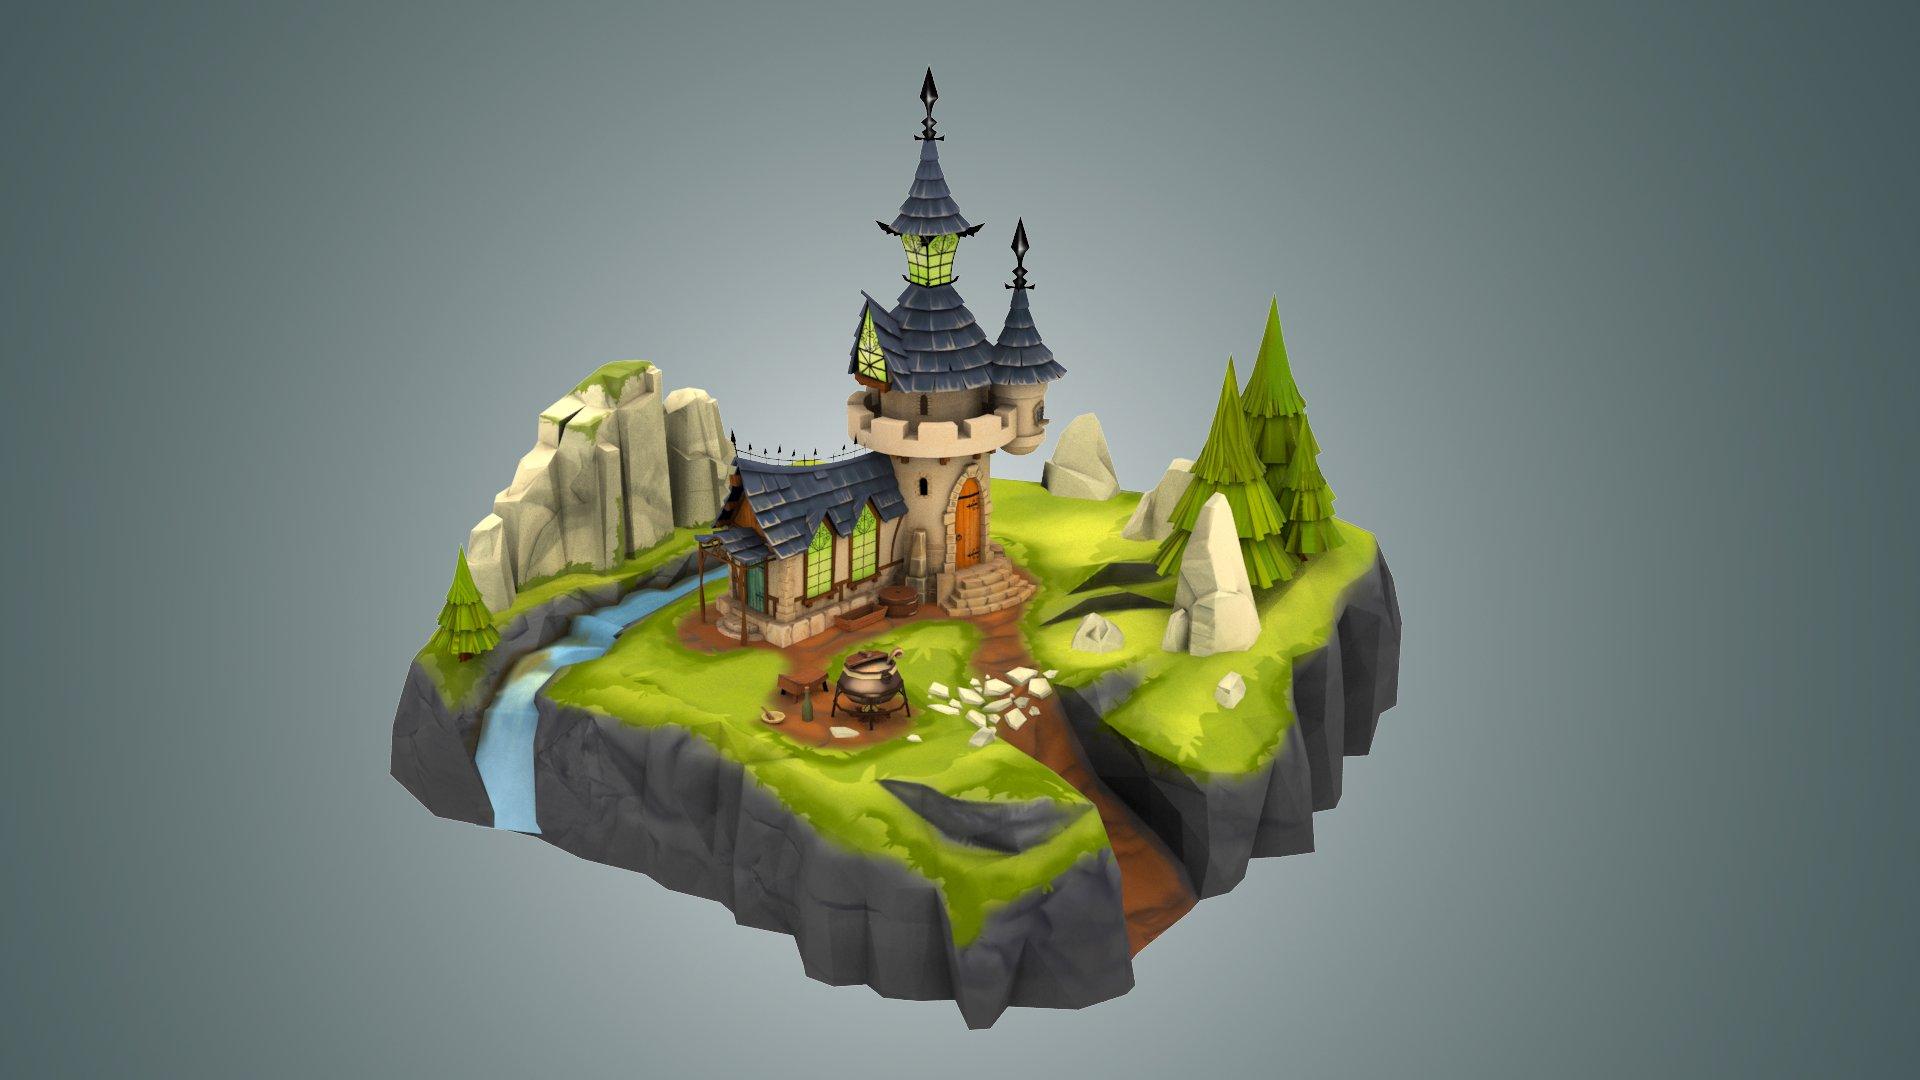 Vlada voronova render castle